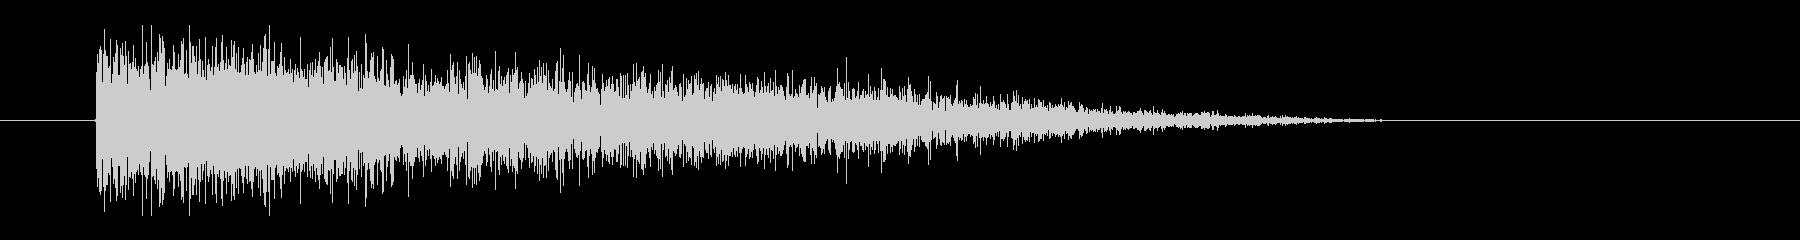 レーザー音-54-3の未再生の波形